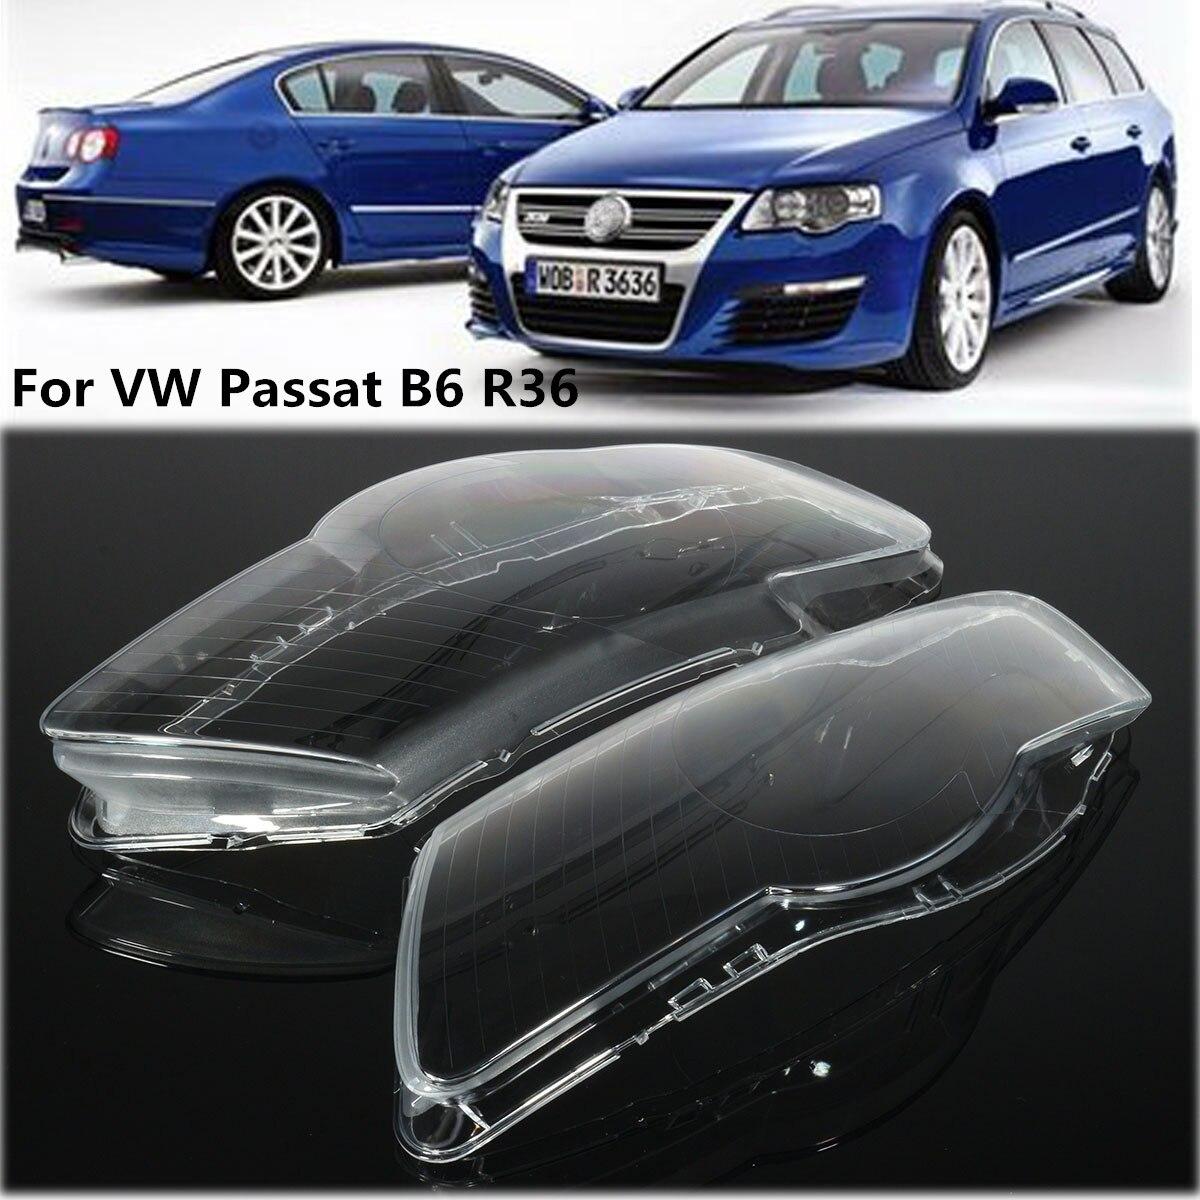 Paar Auto Koplamp Koplamp Waterdichte Heldere Clear Cover Lens Voor Volkswagen VW Passat B6 bi-Xenon koplampen R36